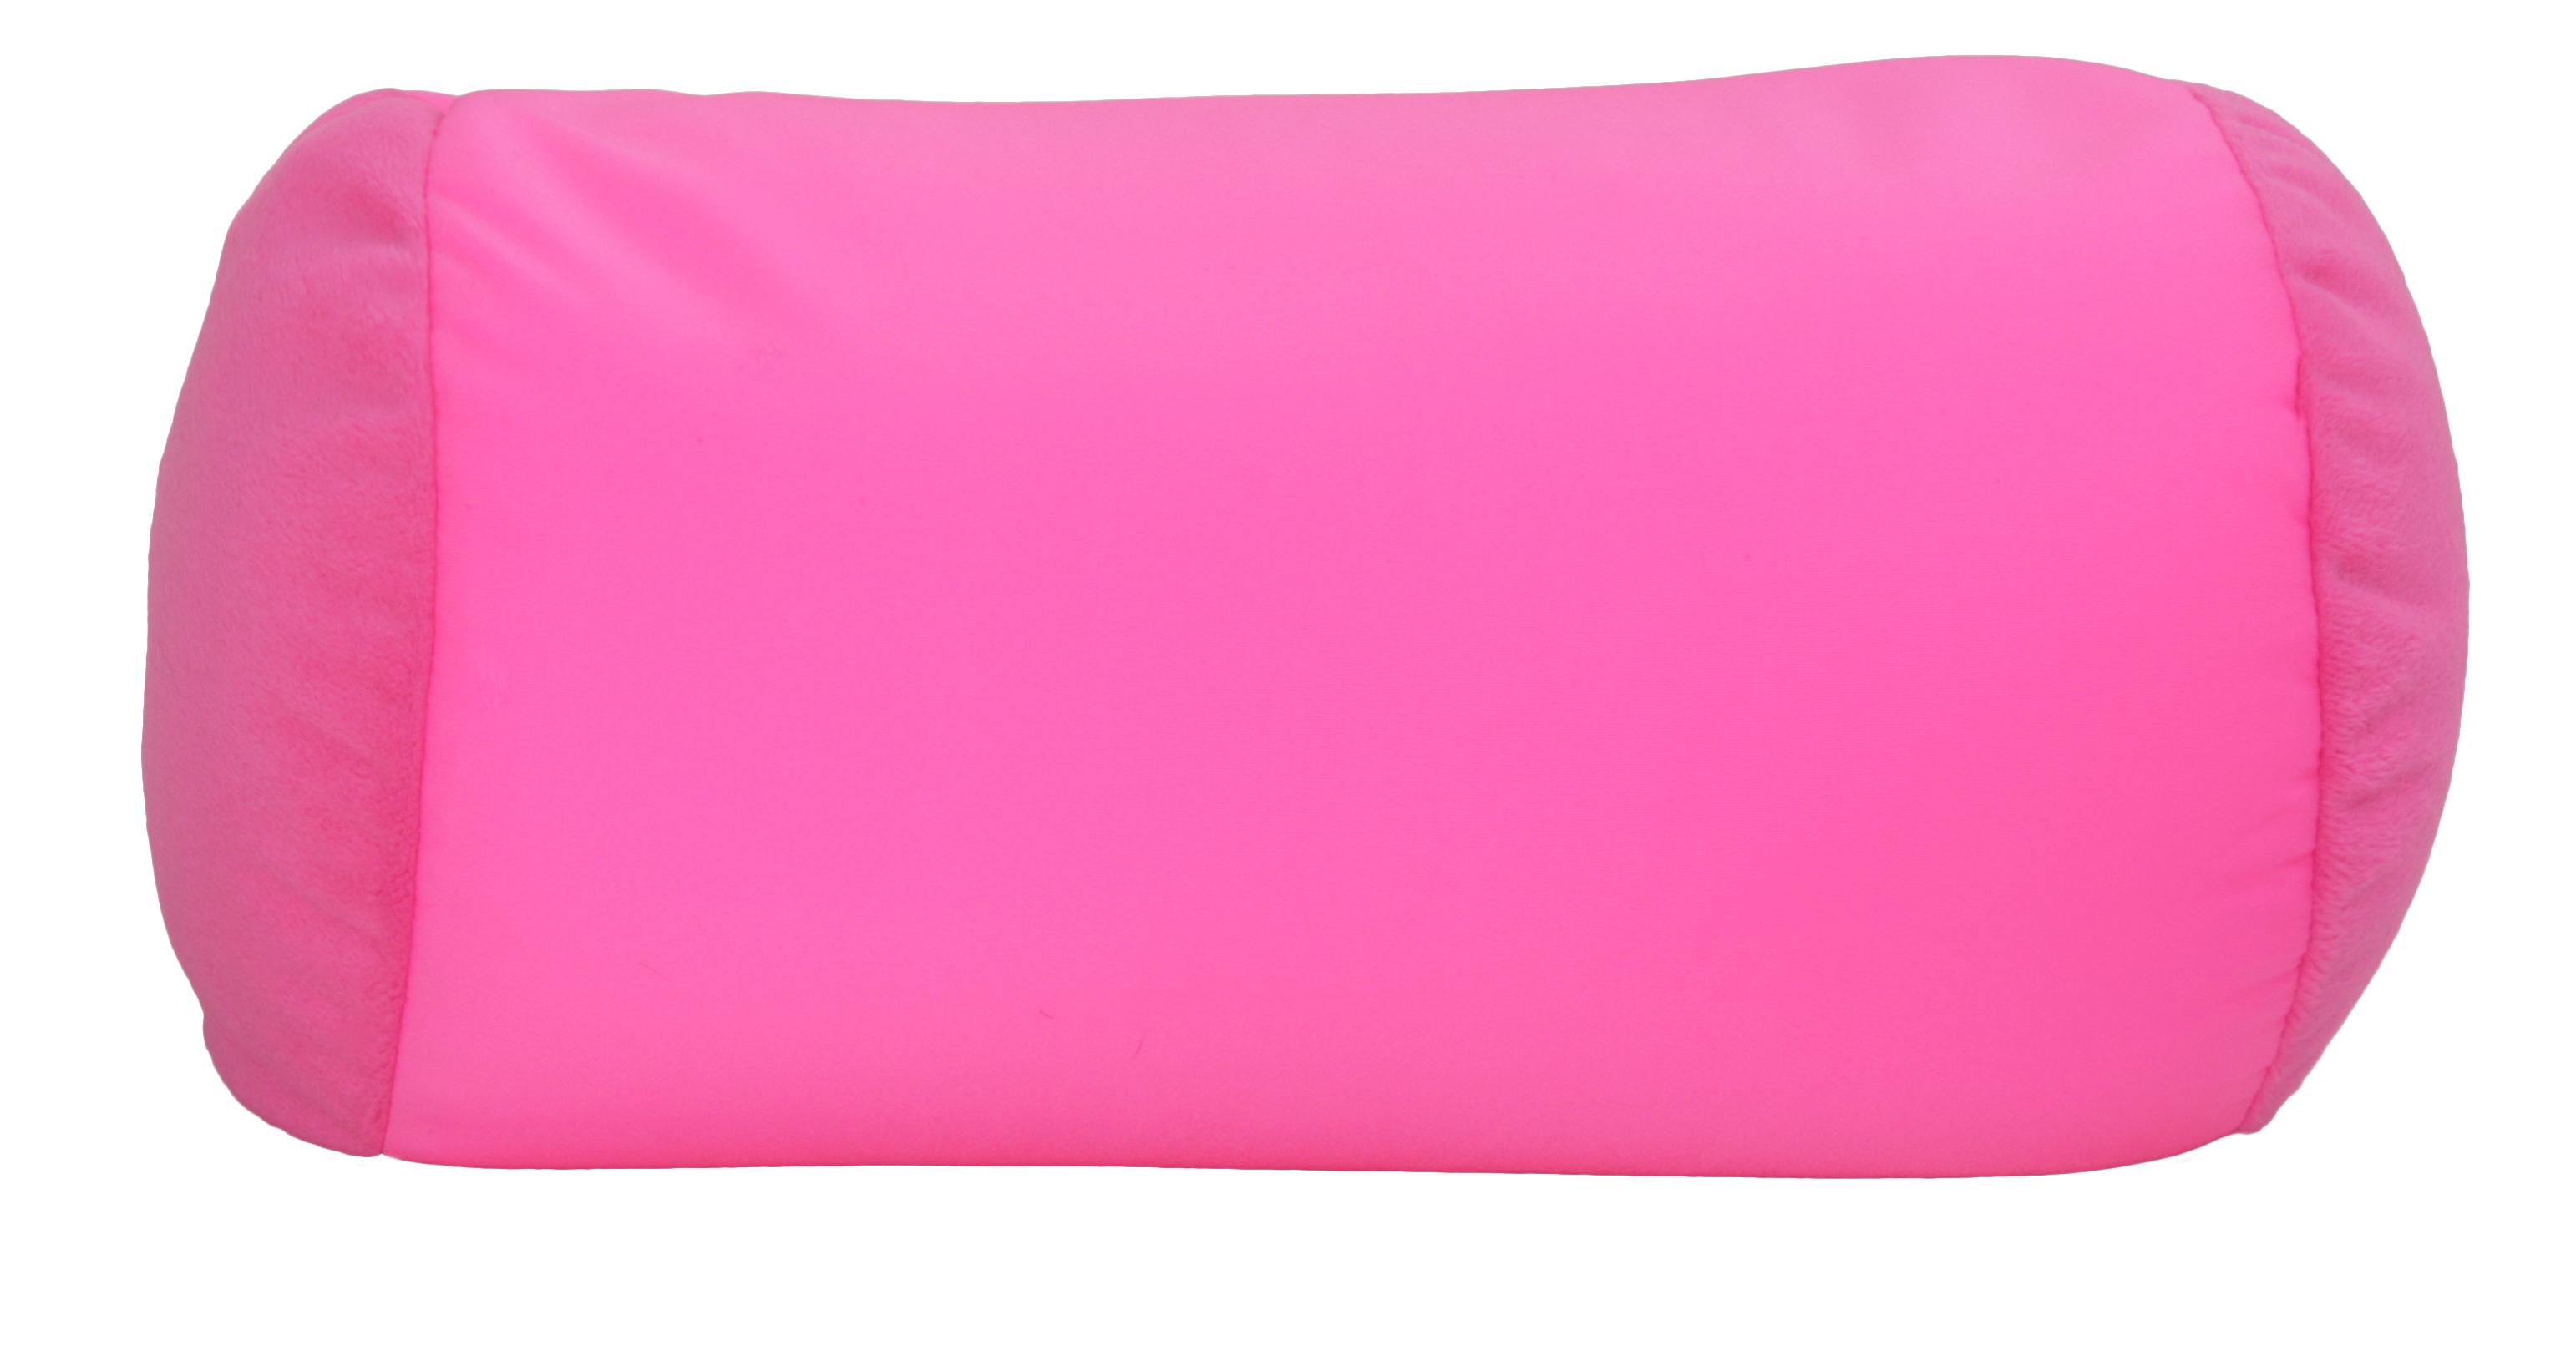 Microbead pillow best neck roll bolster pillows for Microbead pillow